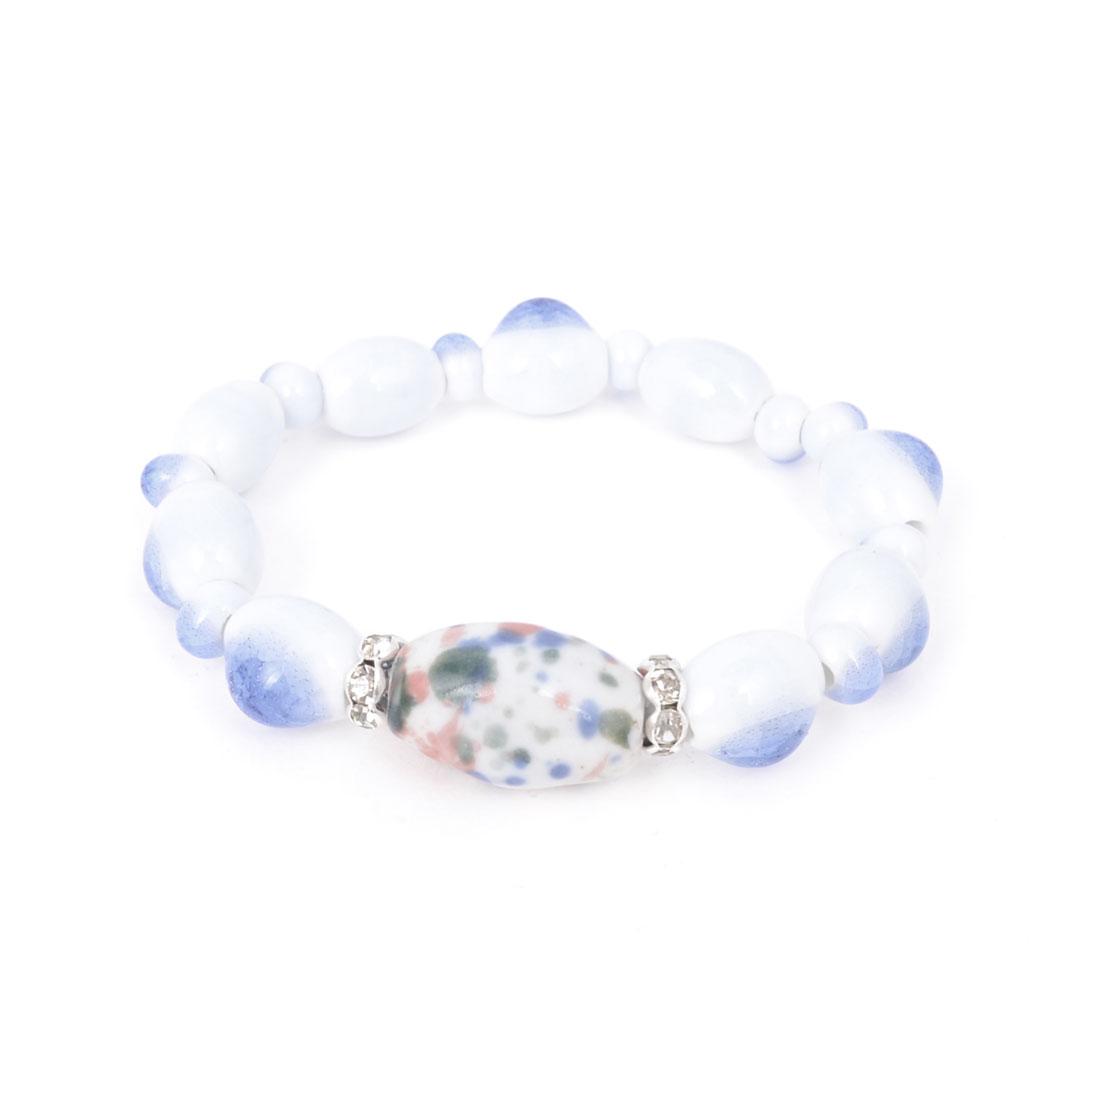 Women Wrist Decor Ceramic Vase Bead Linked Blue White Broken Beads Bracelet